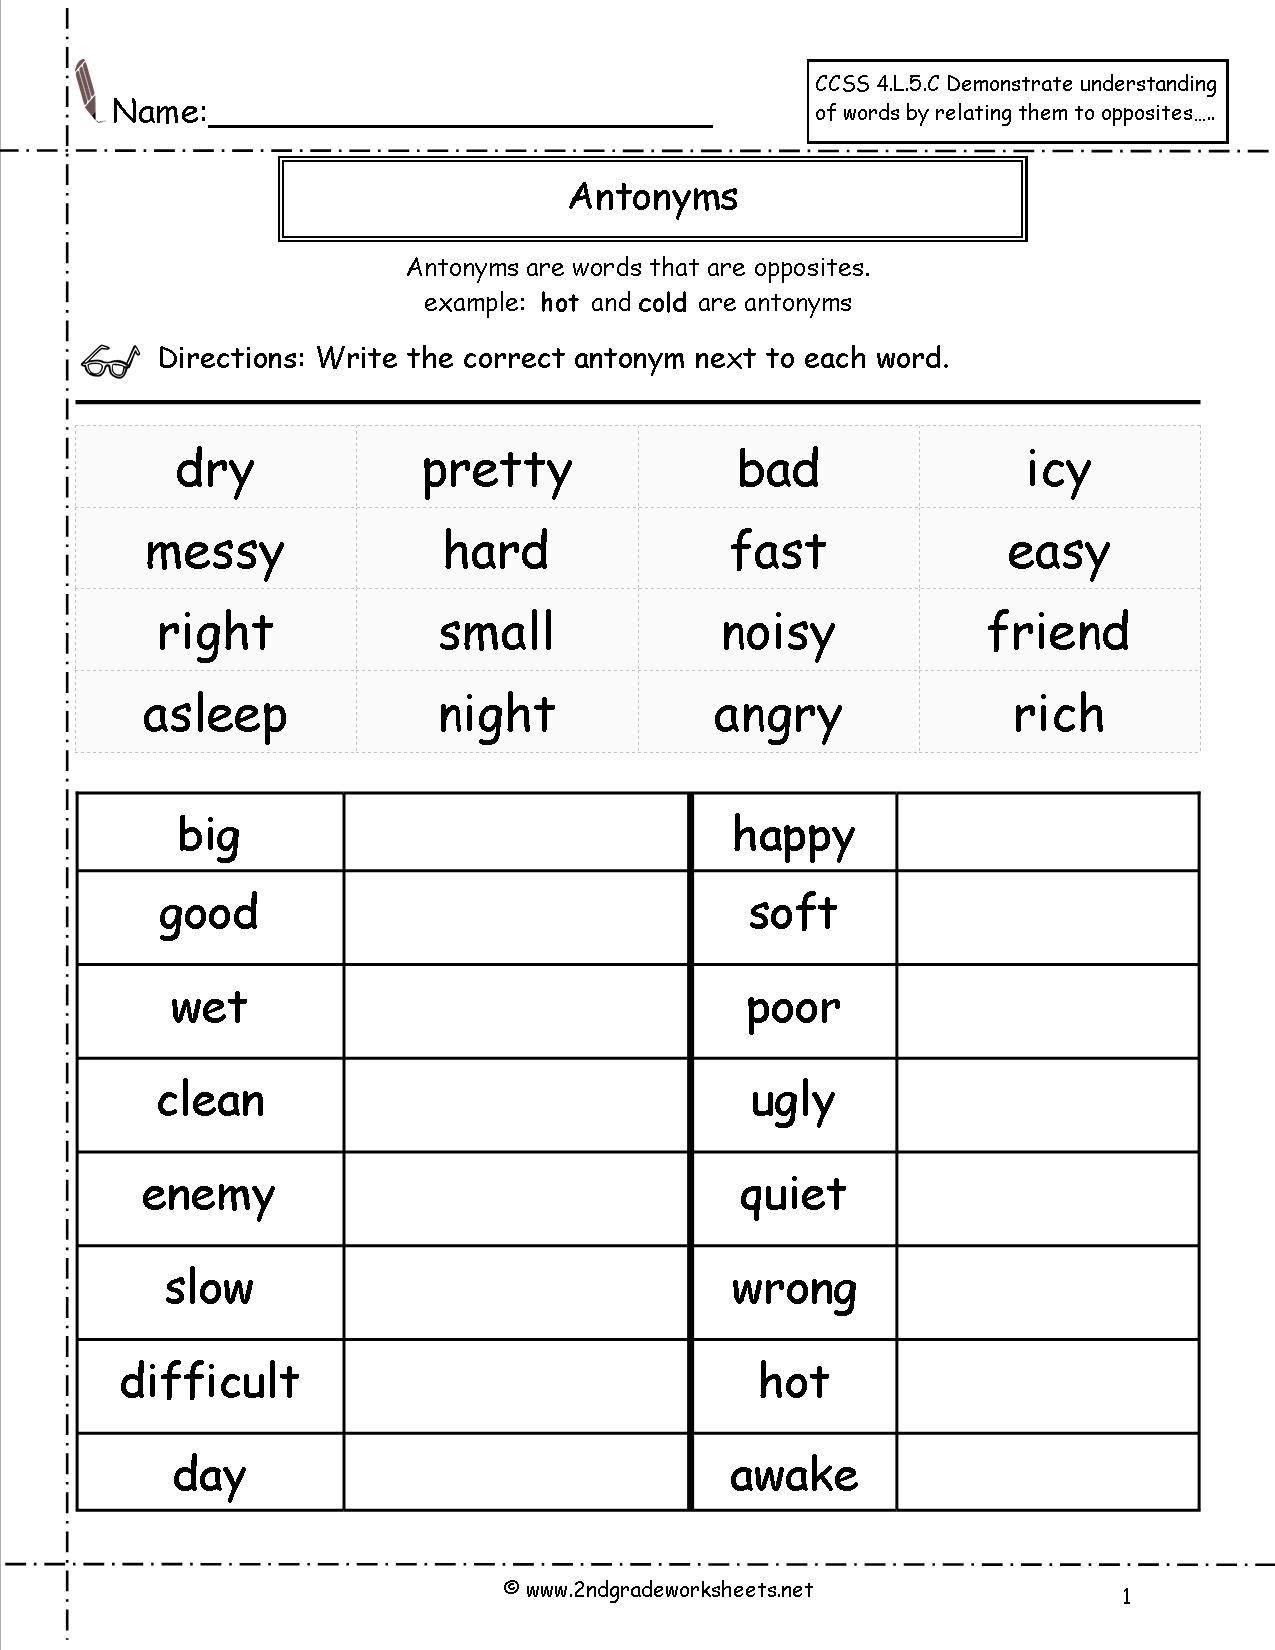 20 Antonyms Worksheets For Kindergarten In